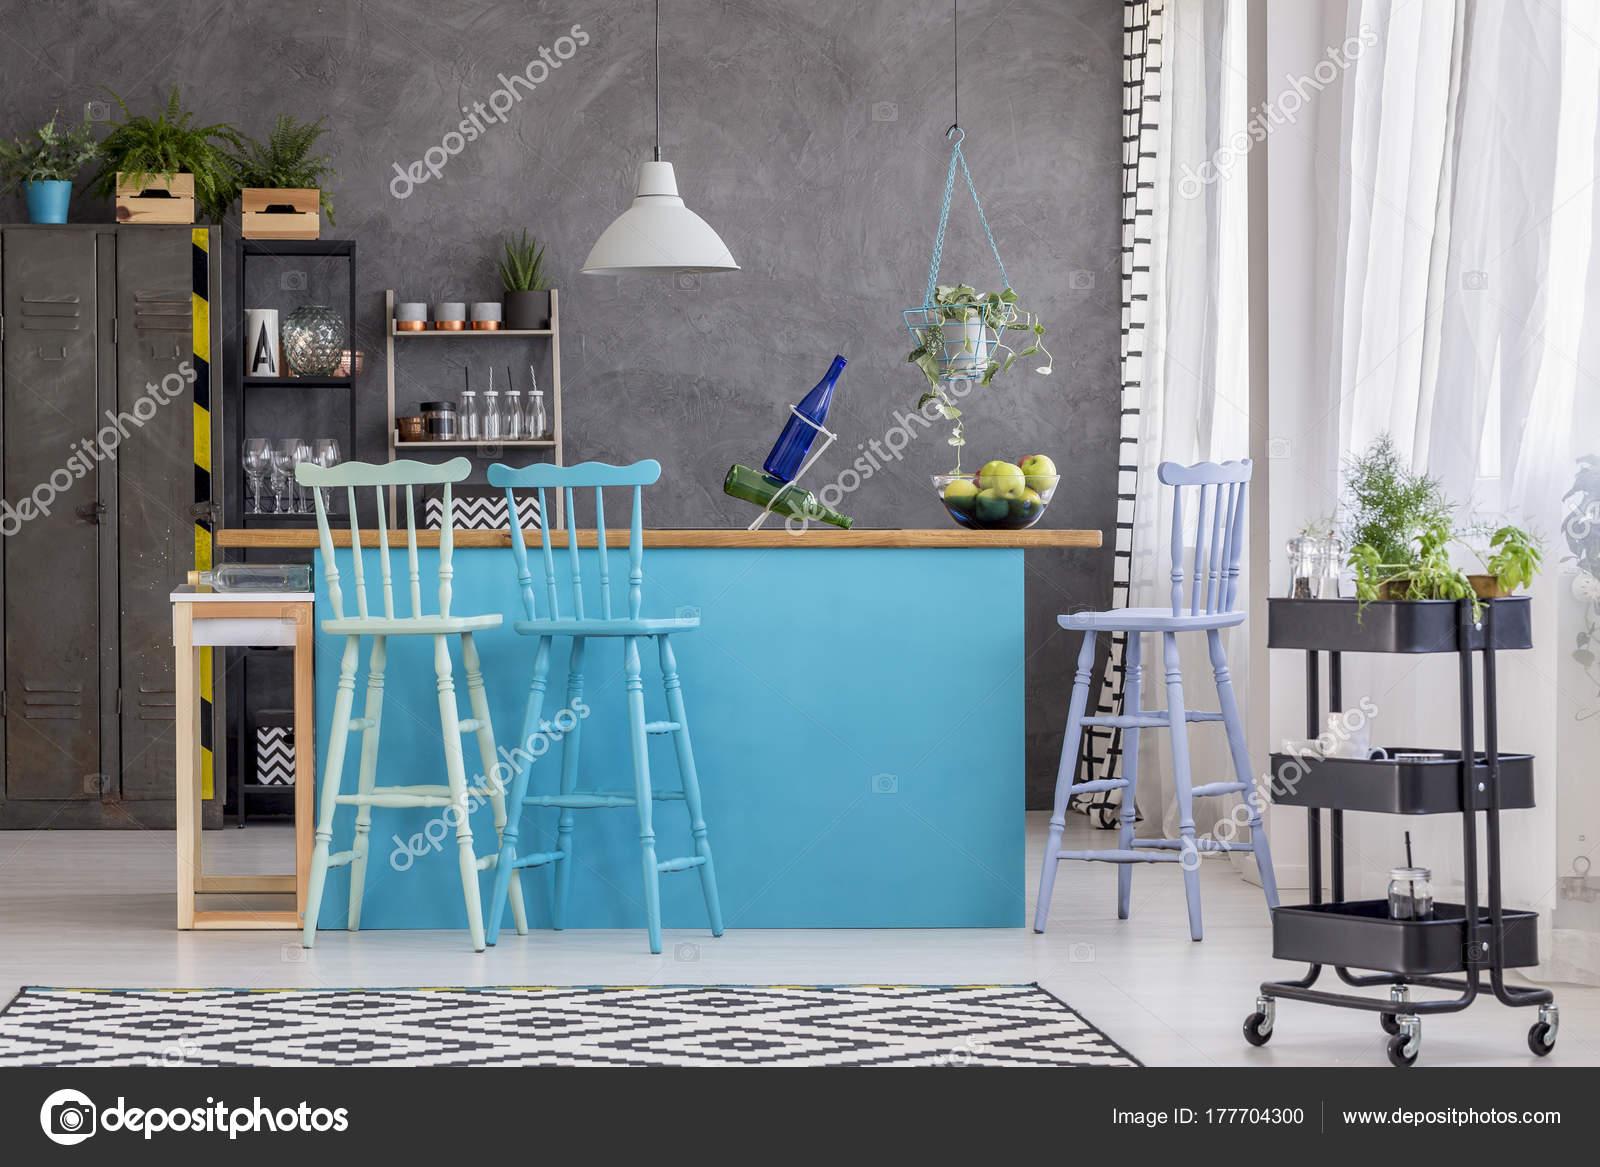 Hocker und blauen Kücheninsel — Stockfoto © photographee.eu #177704300